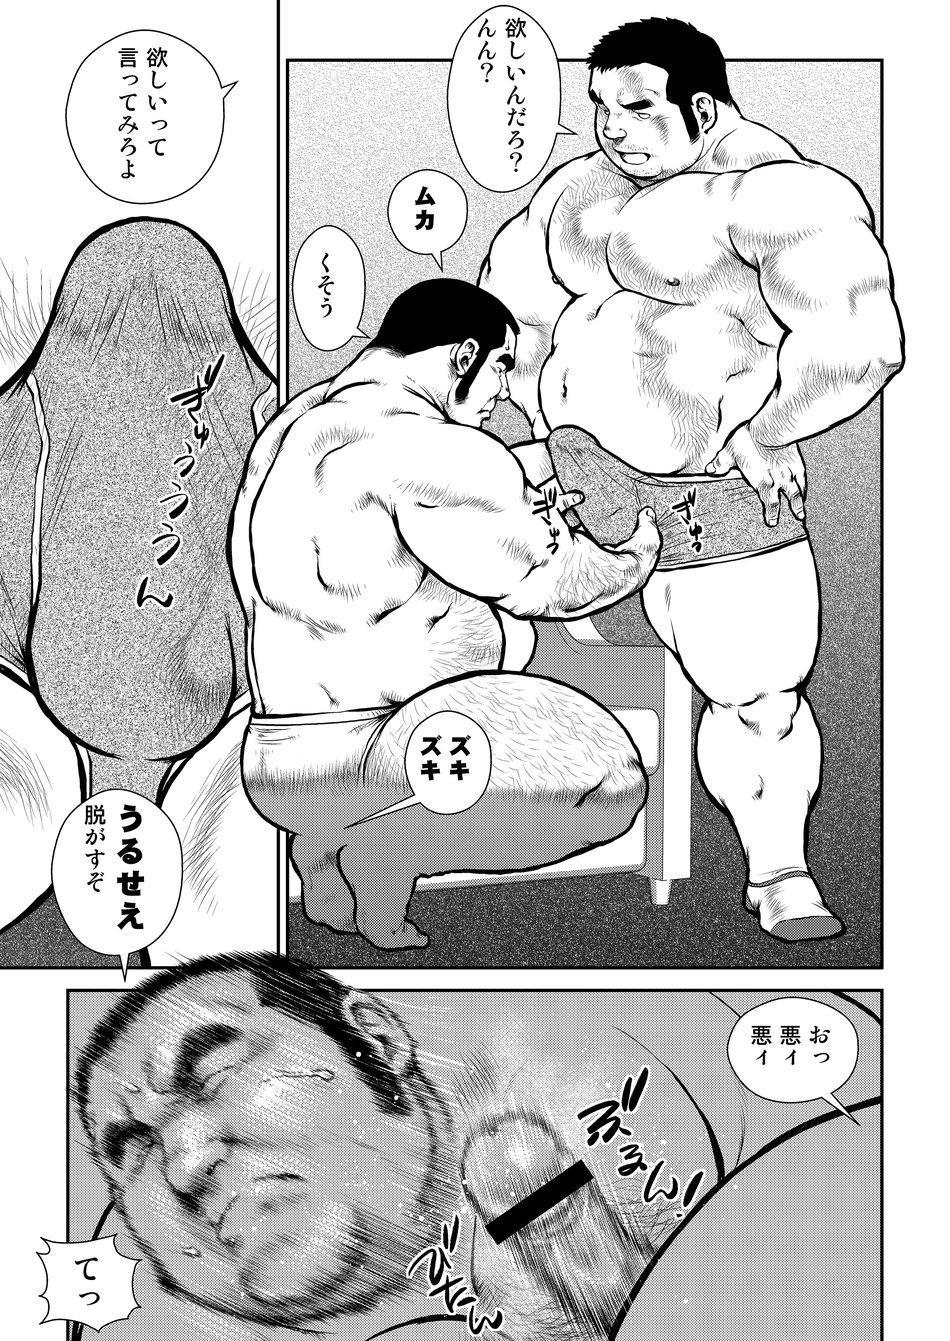 Hara Iso Hatsujou Seinendan Dai 4-wa 2